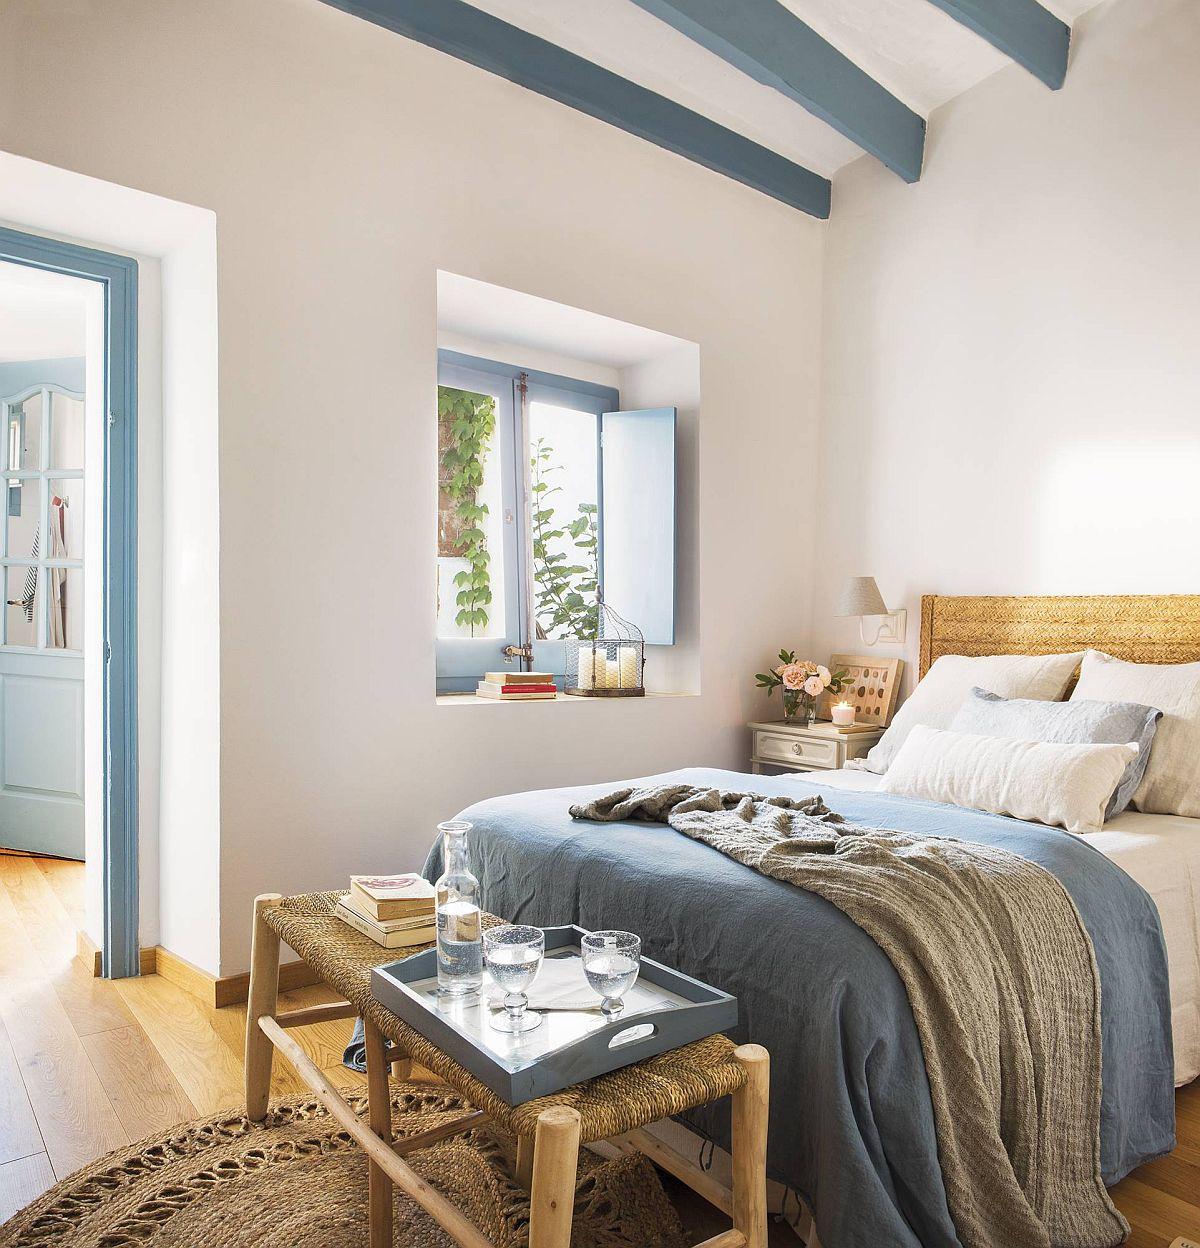 adelaparvu.com despre casa lunga si ingusta cu terasa, stil marin, design Nice Home Barcelona, Foto Jordi Canosa (10)